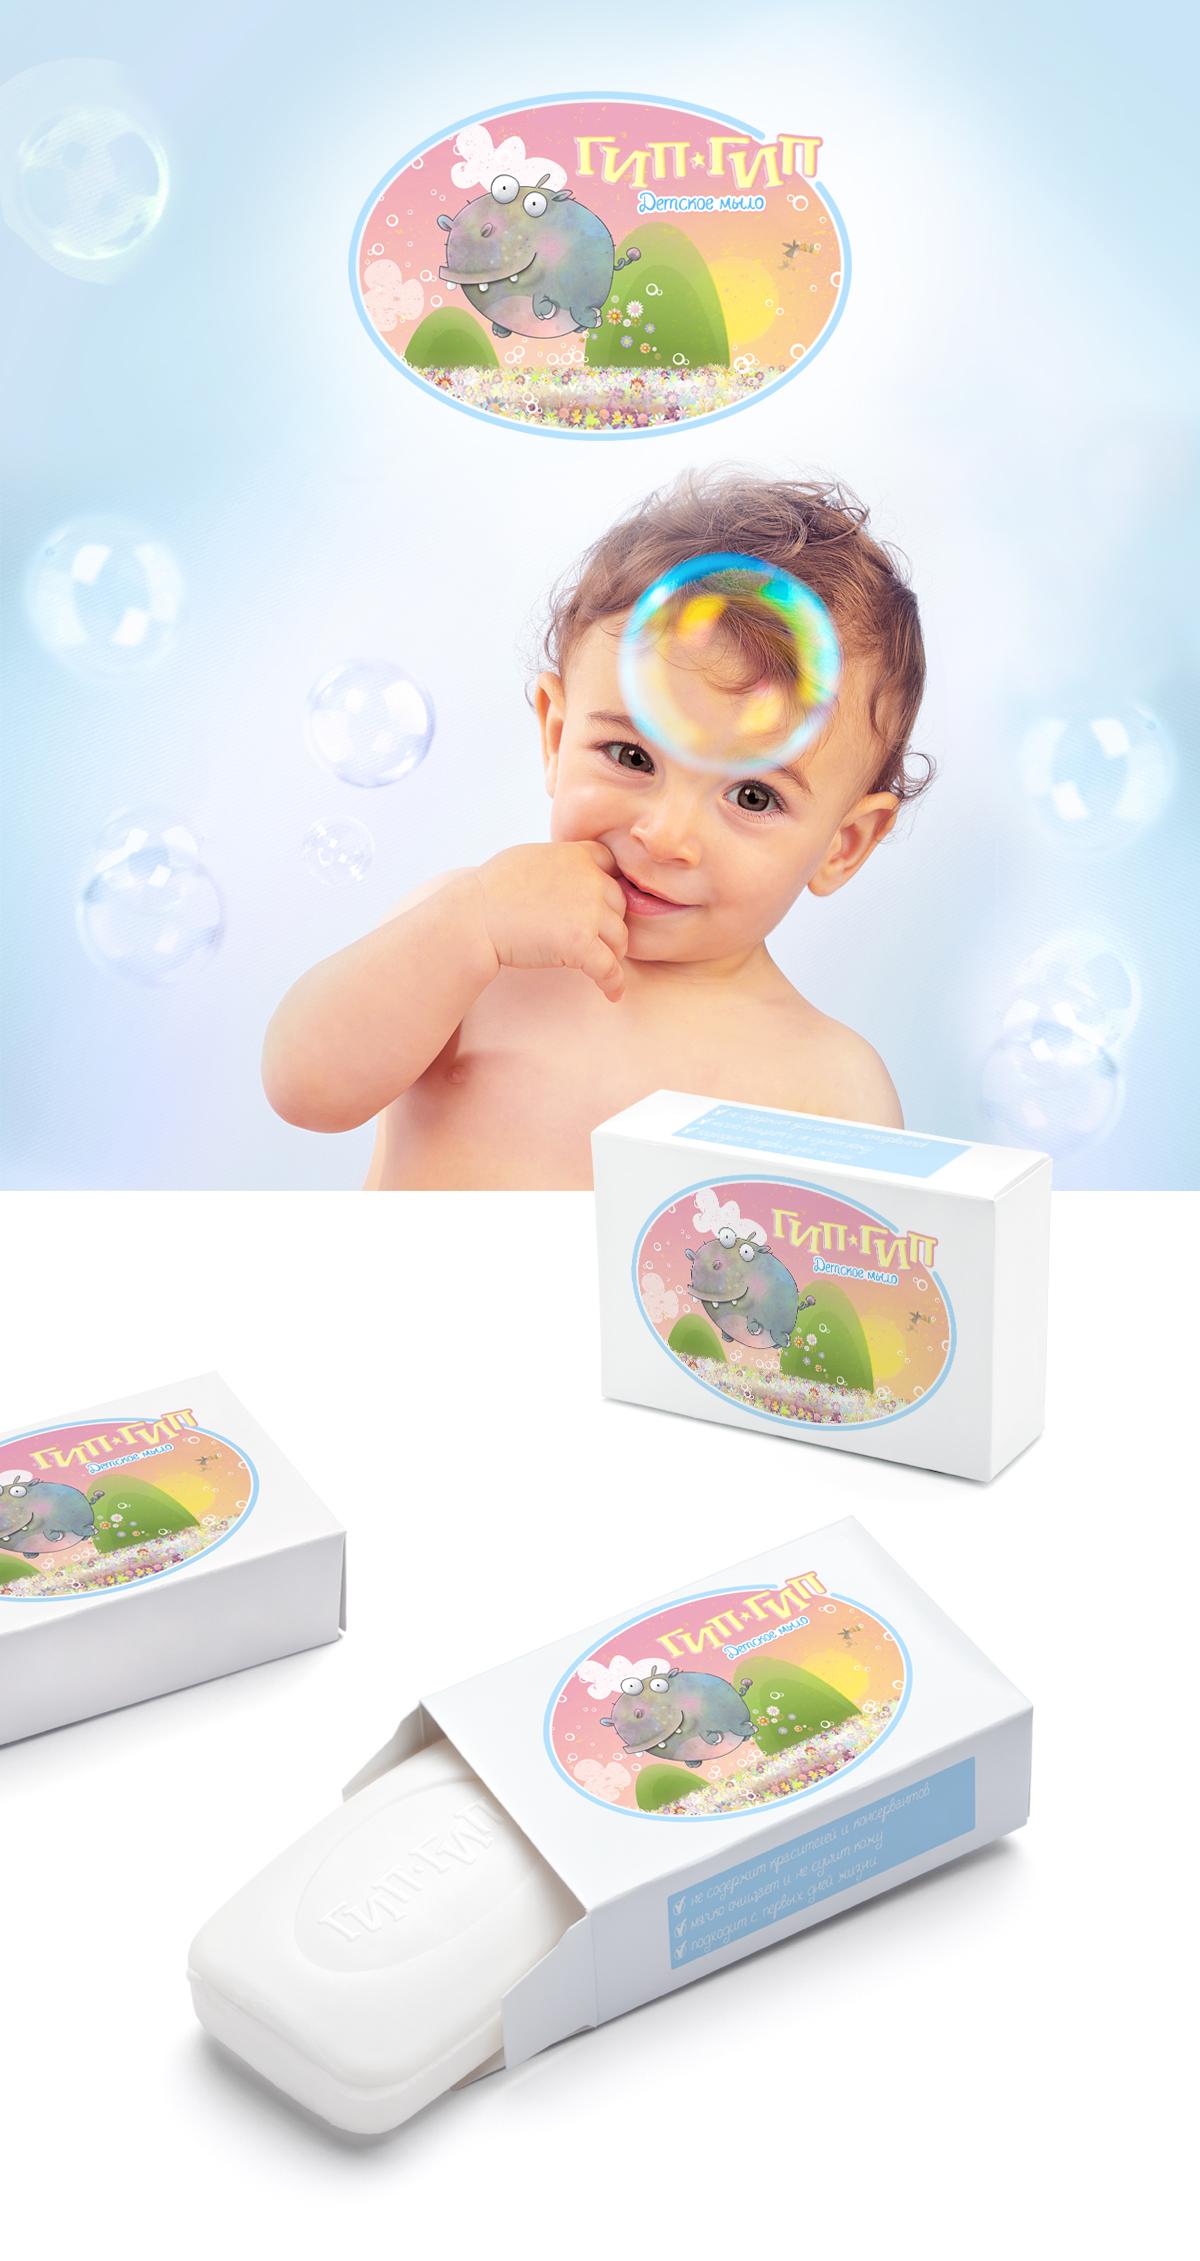 брендинг для детского мыла гип-гип